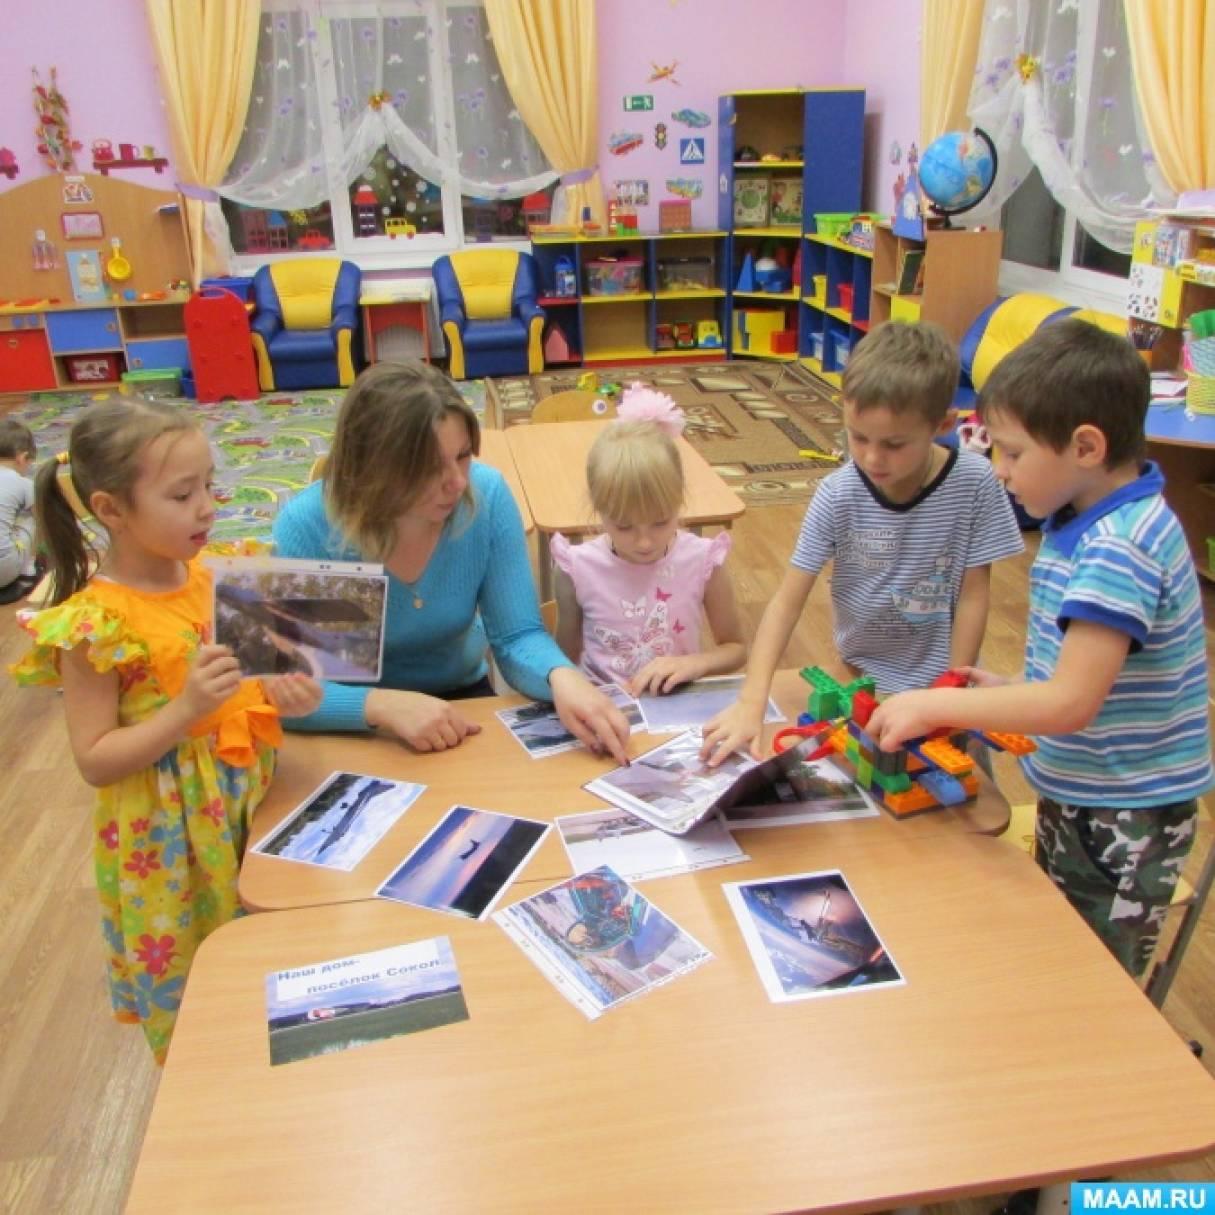 Картинка участие родителей в жизни детского сада